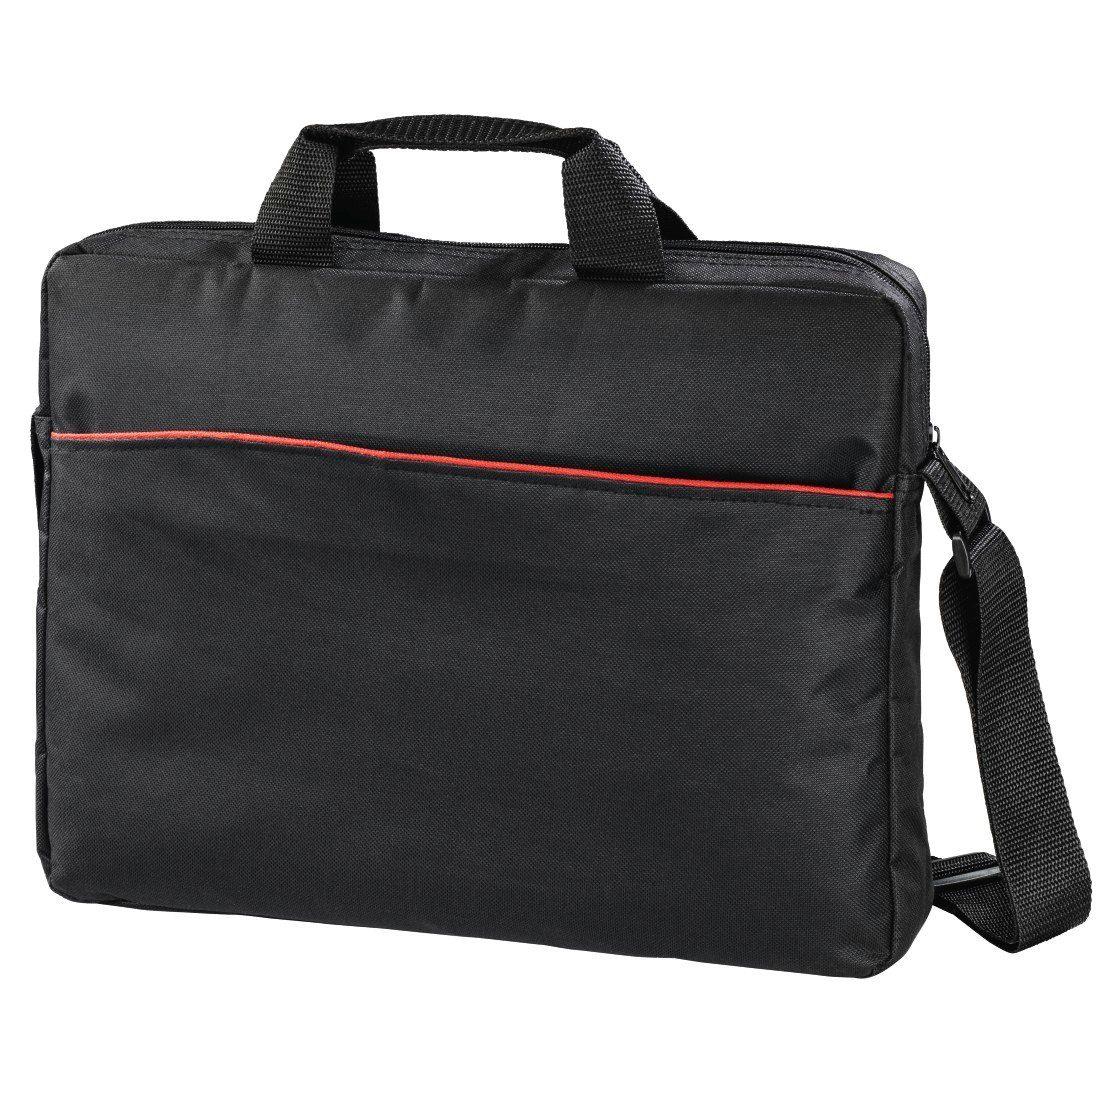 """Hama Laptoptasche bis 40cm (15,6"""") Computertasche/Umhängetasche »Tortuga Public, Basic Bag«"""